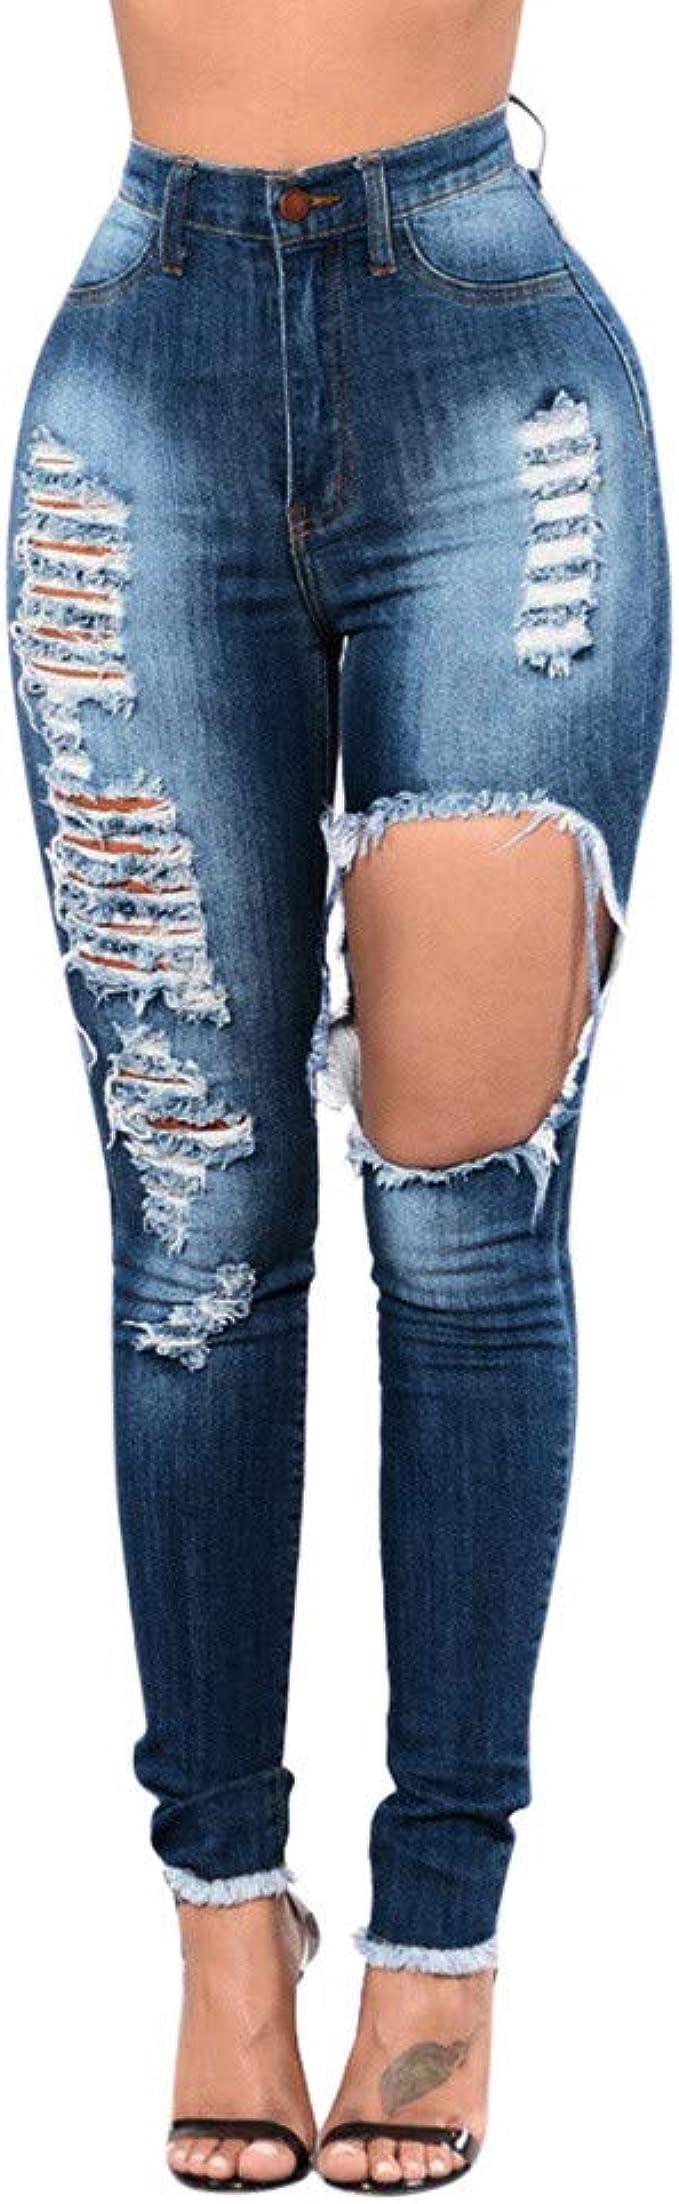 Familizo Vaqueros Rotos Mujer Vaqueros Mujer Tallas Grandes Vaqueros Altos Ajustados Pantalones Lapiz Tejanos Otono Mujer Anchos Casual Elastico Slim Fit Talle Alto Leggings Vaqueros Ropa